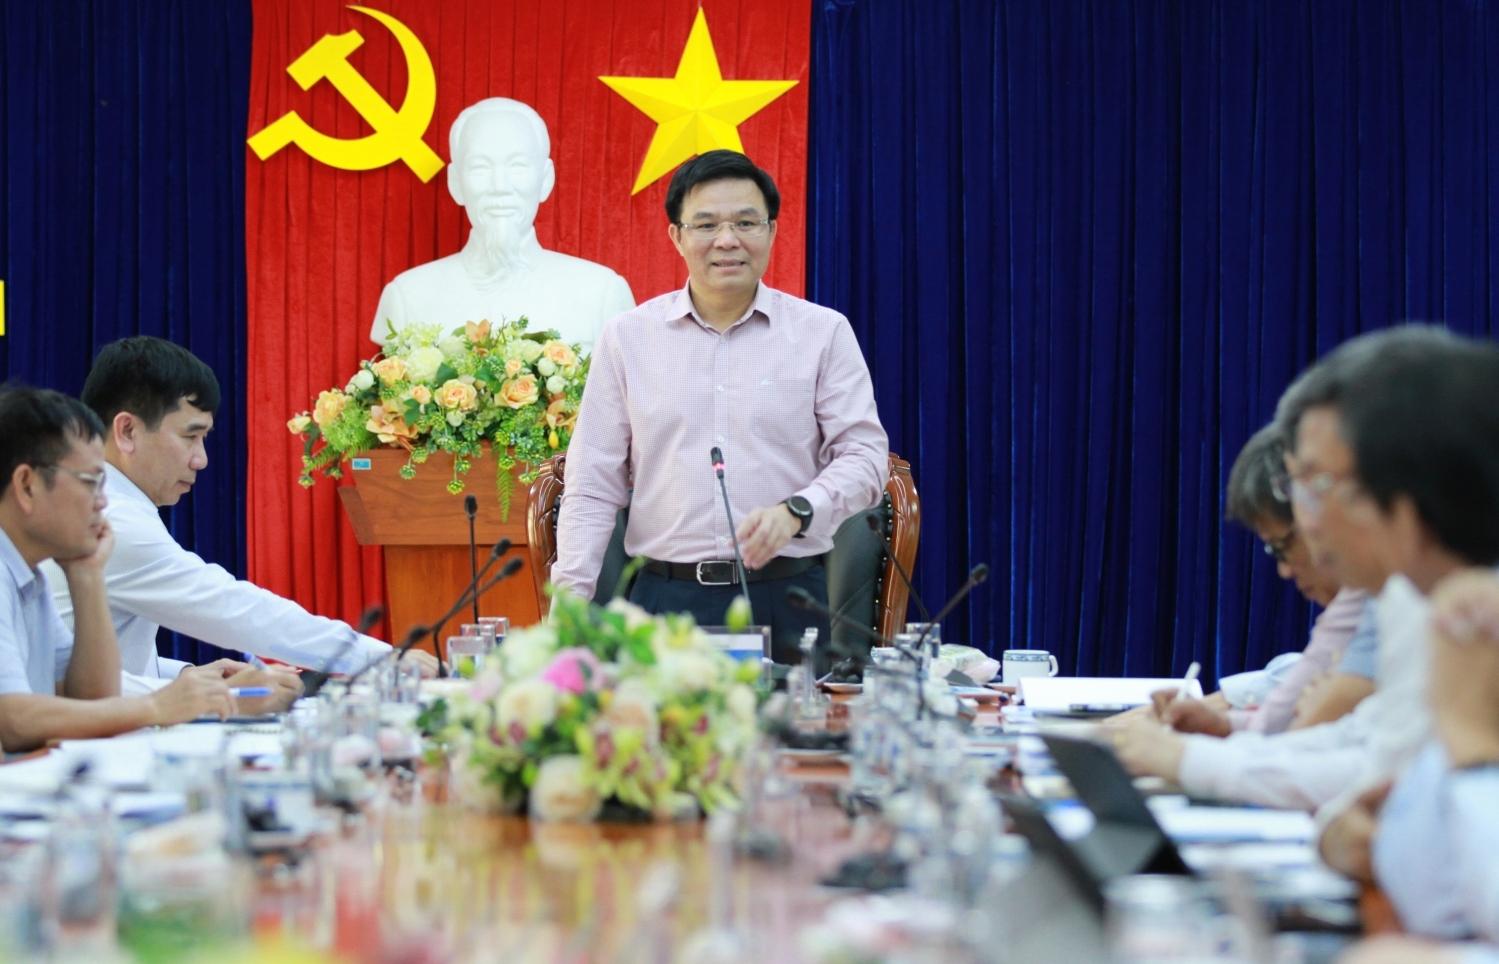 CÔng Ty Tnhh ViỆt PhÁp QuỐc TẾ Tham DỰ NgÀy HỘi ViỆc LÀm: Tổng Giám đốc PVN Lê Mạnh Hùng: BSR đã Triển Khai Những